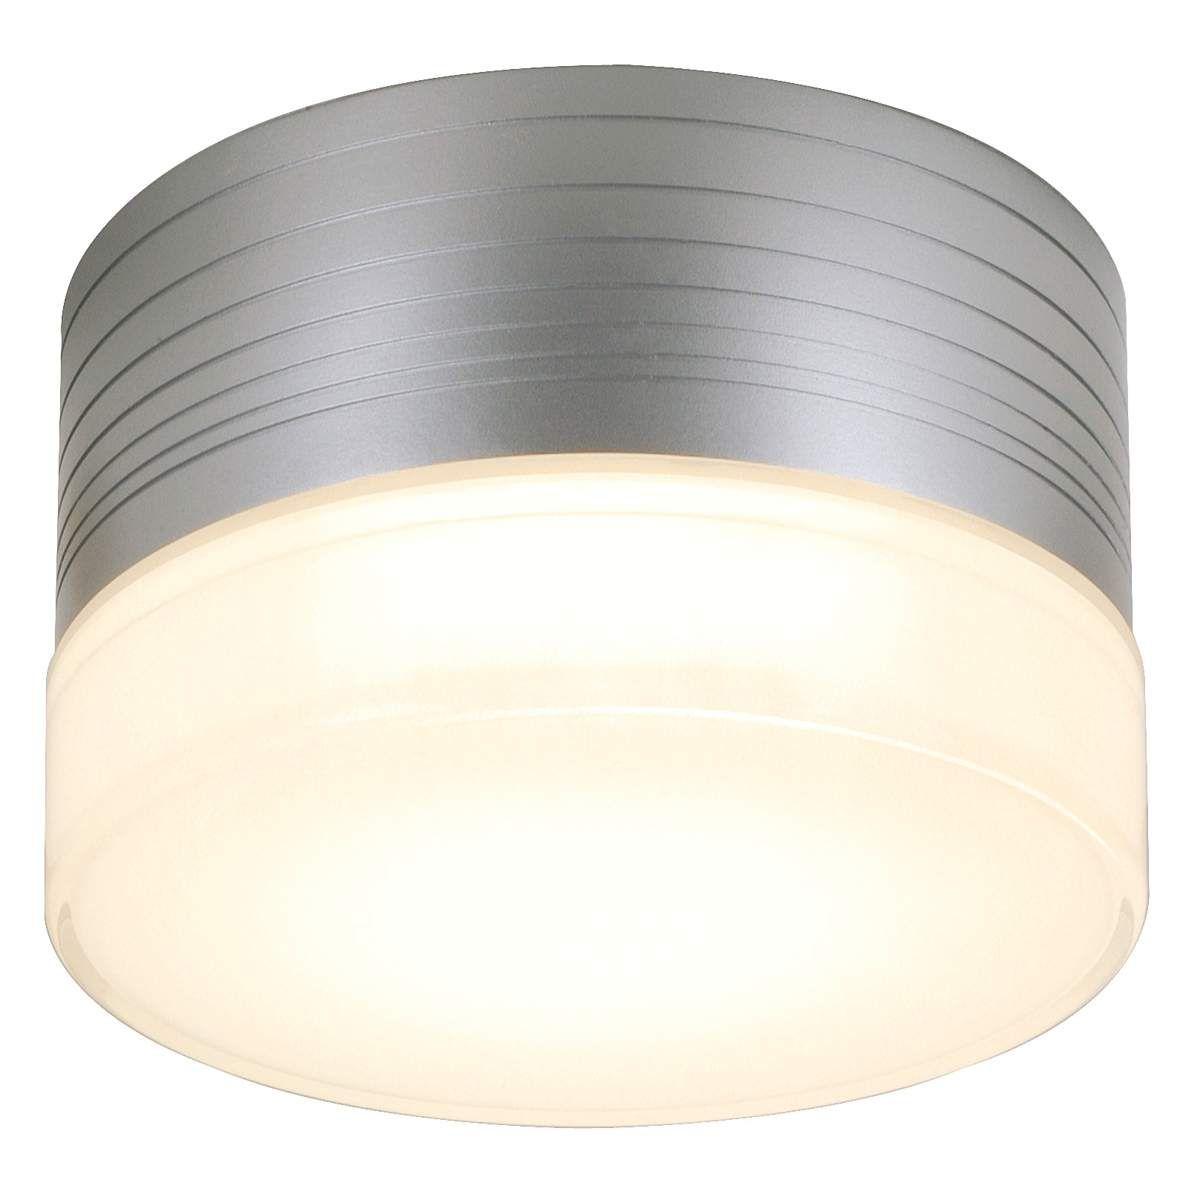 Außen Decken Leuchte rund Beleuchtung ALU Lampe Glas opal